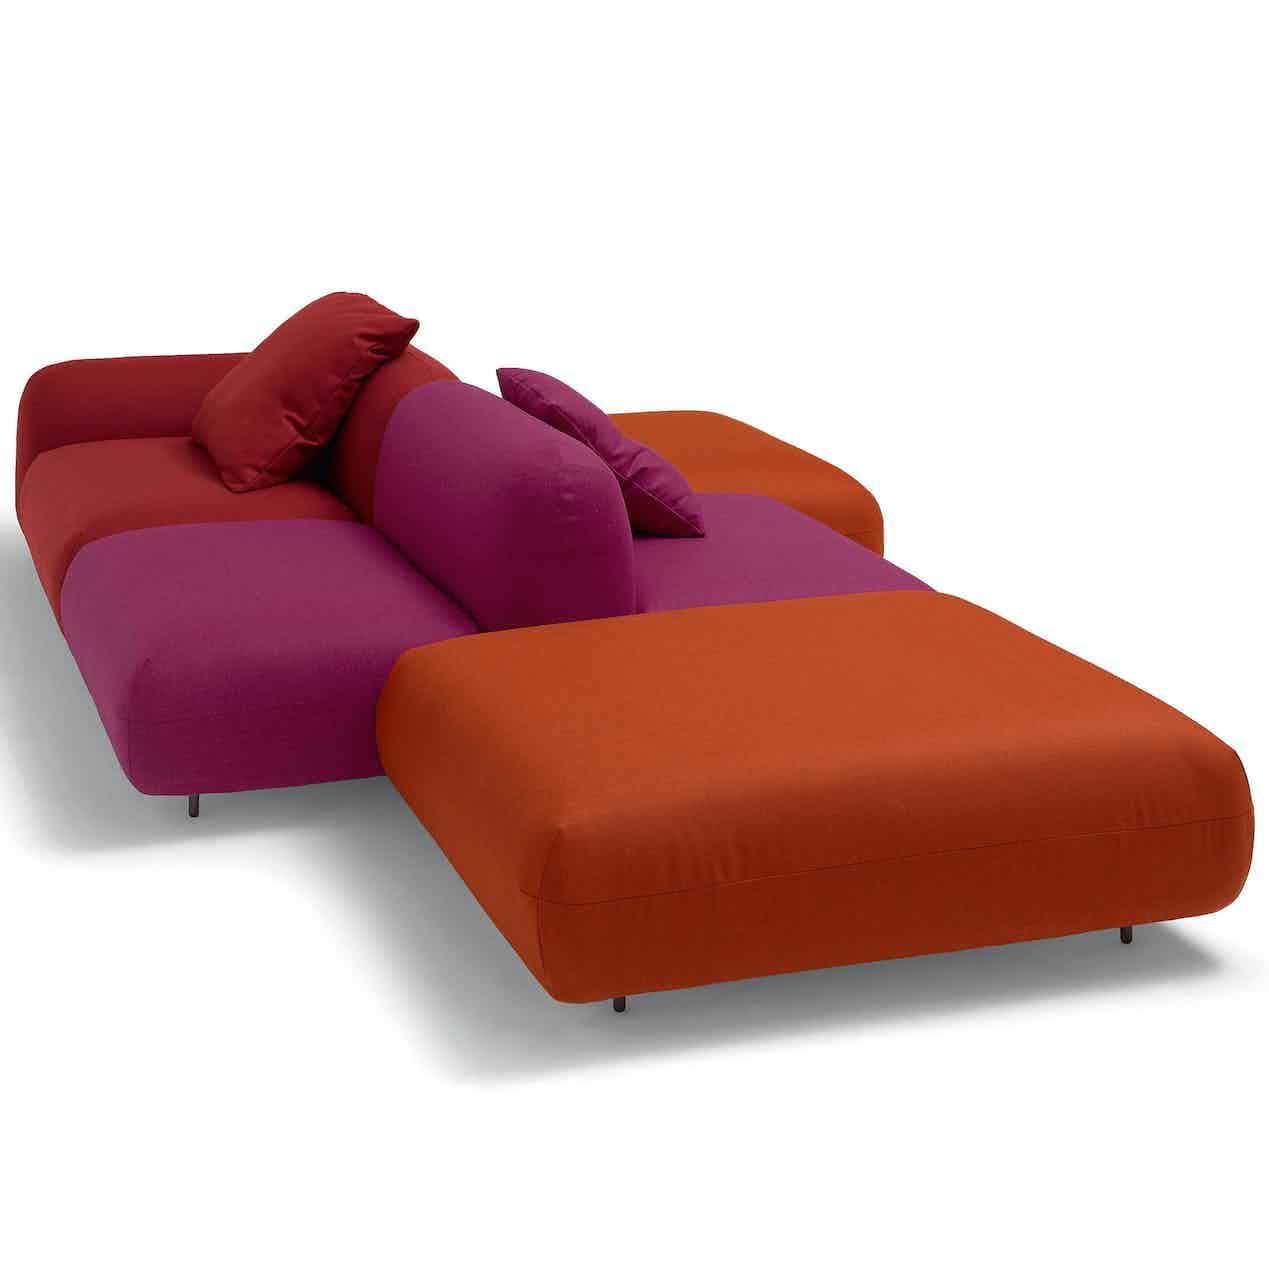 Arflex-red-tones-tokio-modular-sofa-haute-living